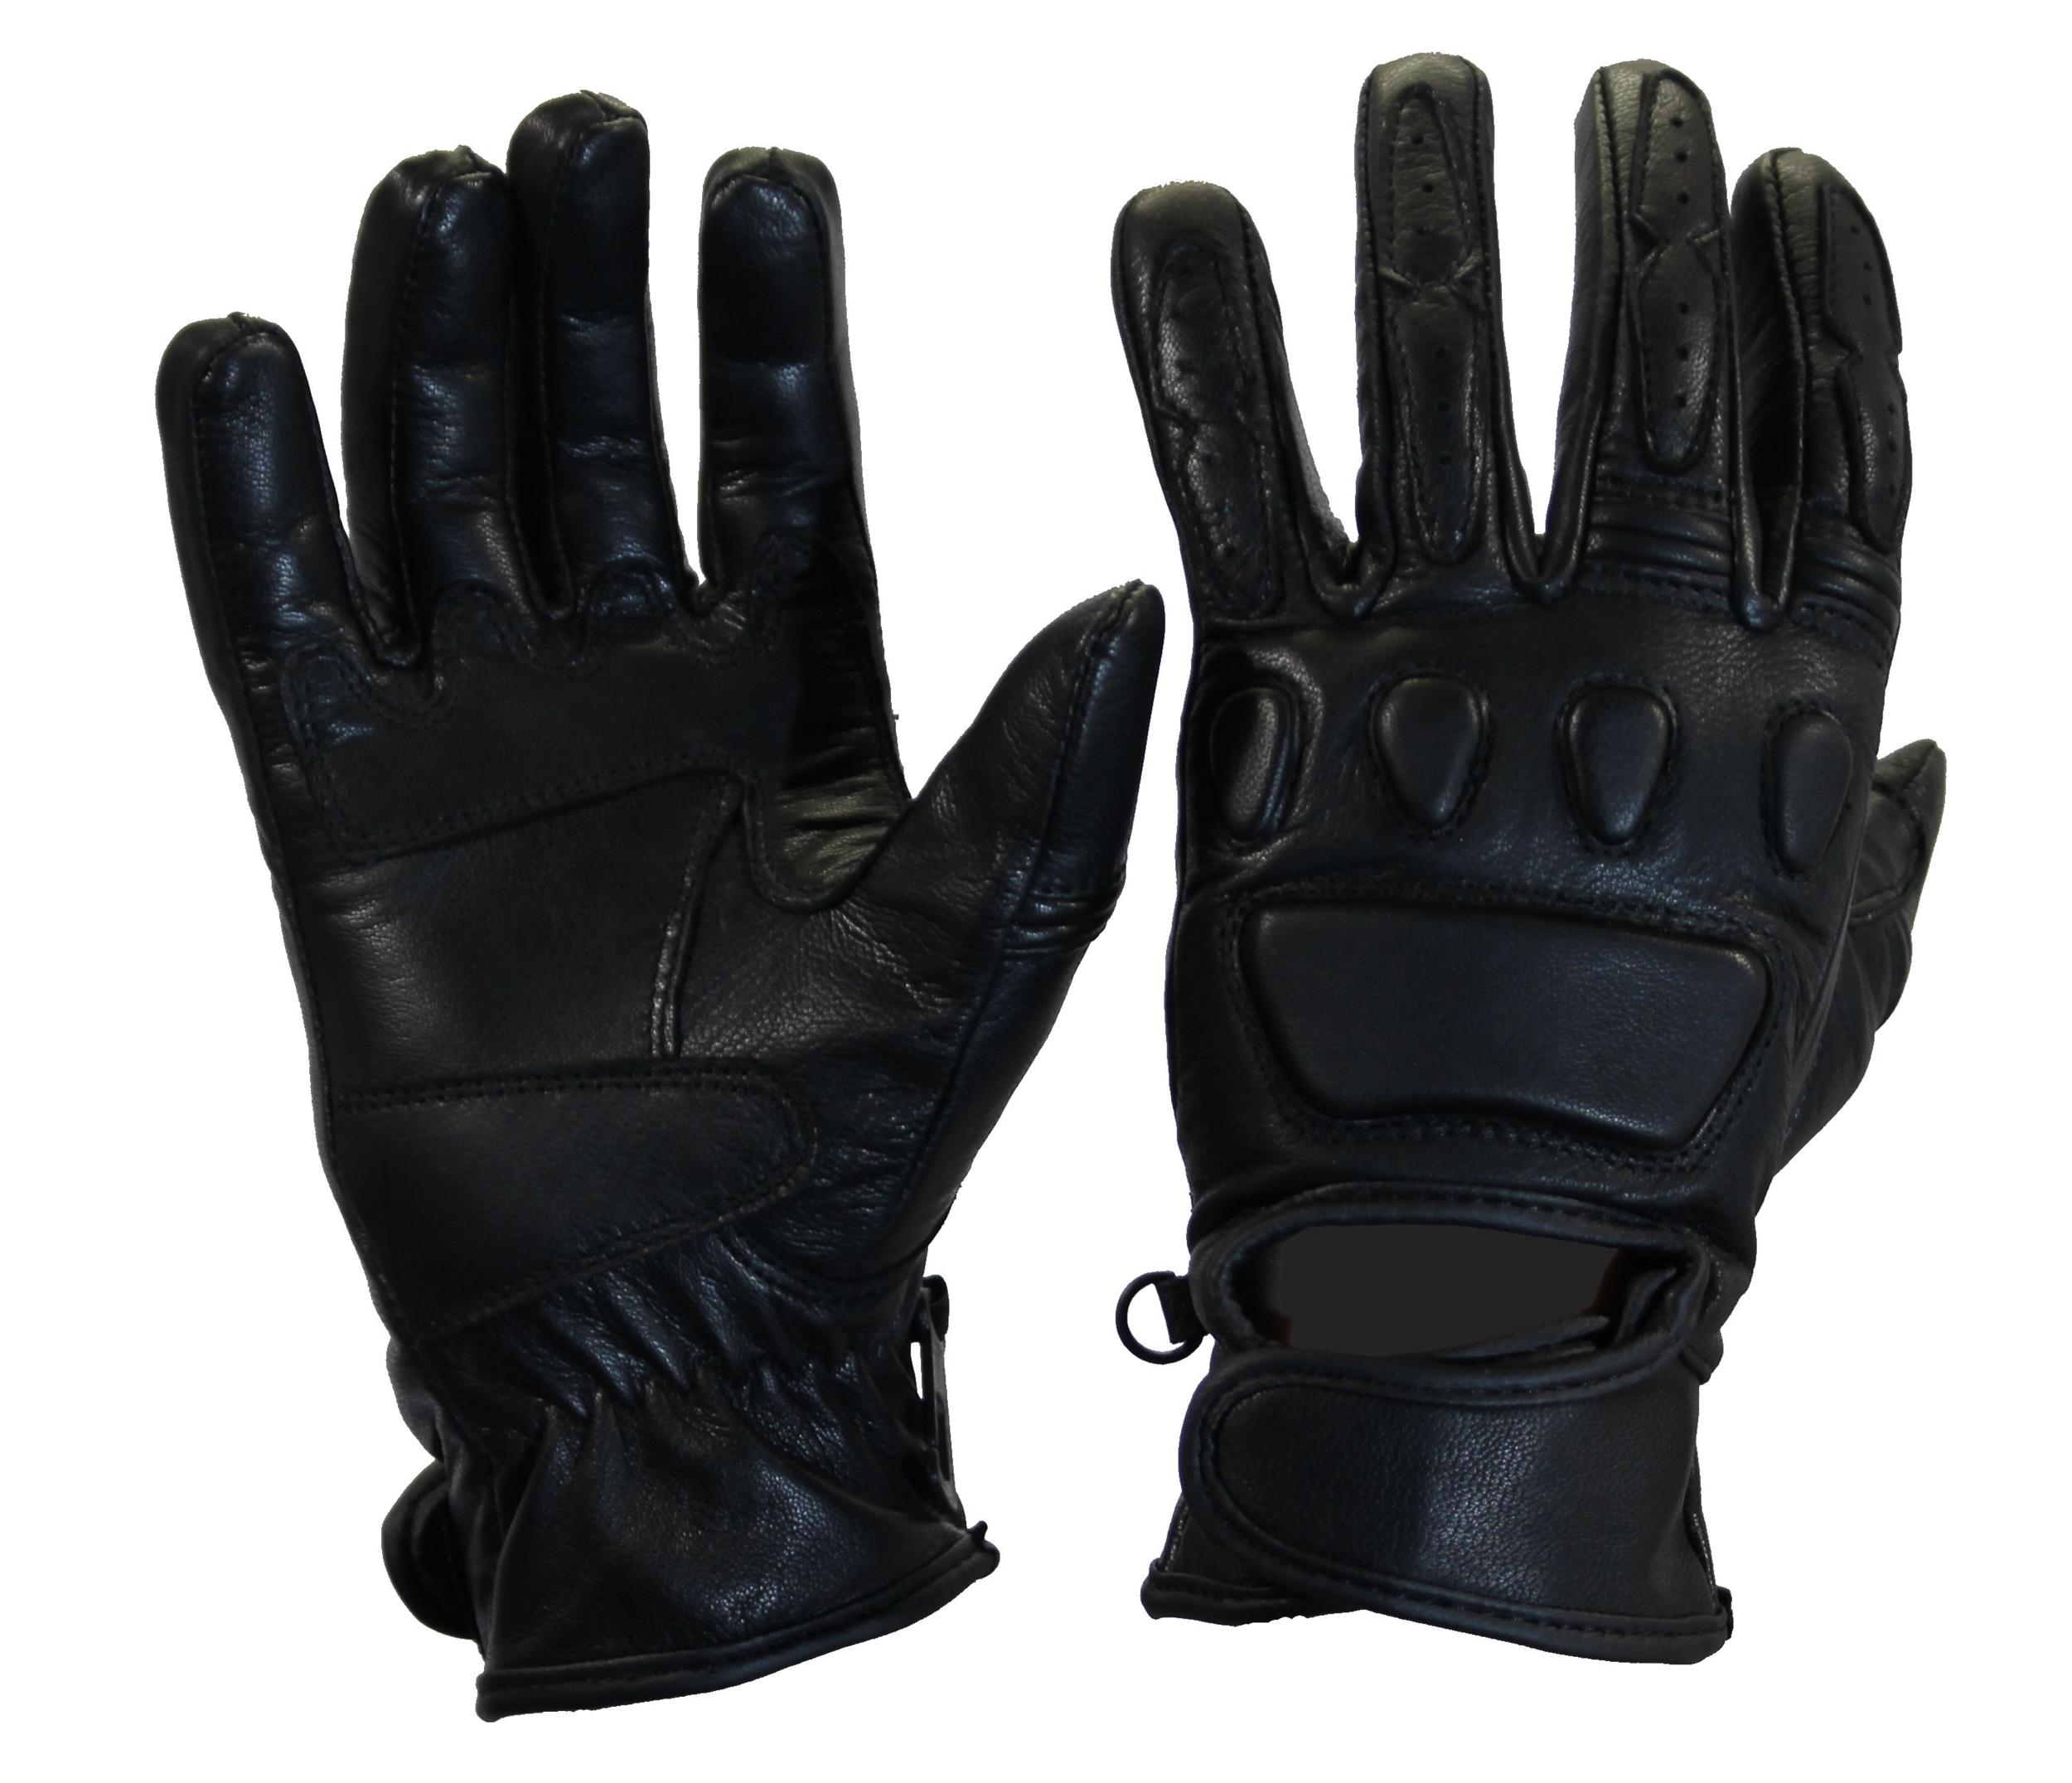 Kc411_1_Gants moto été noirs